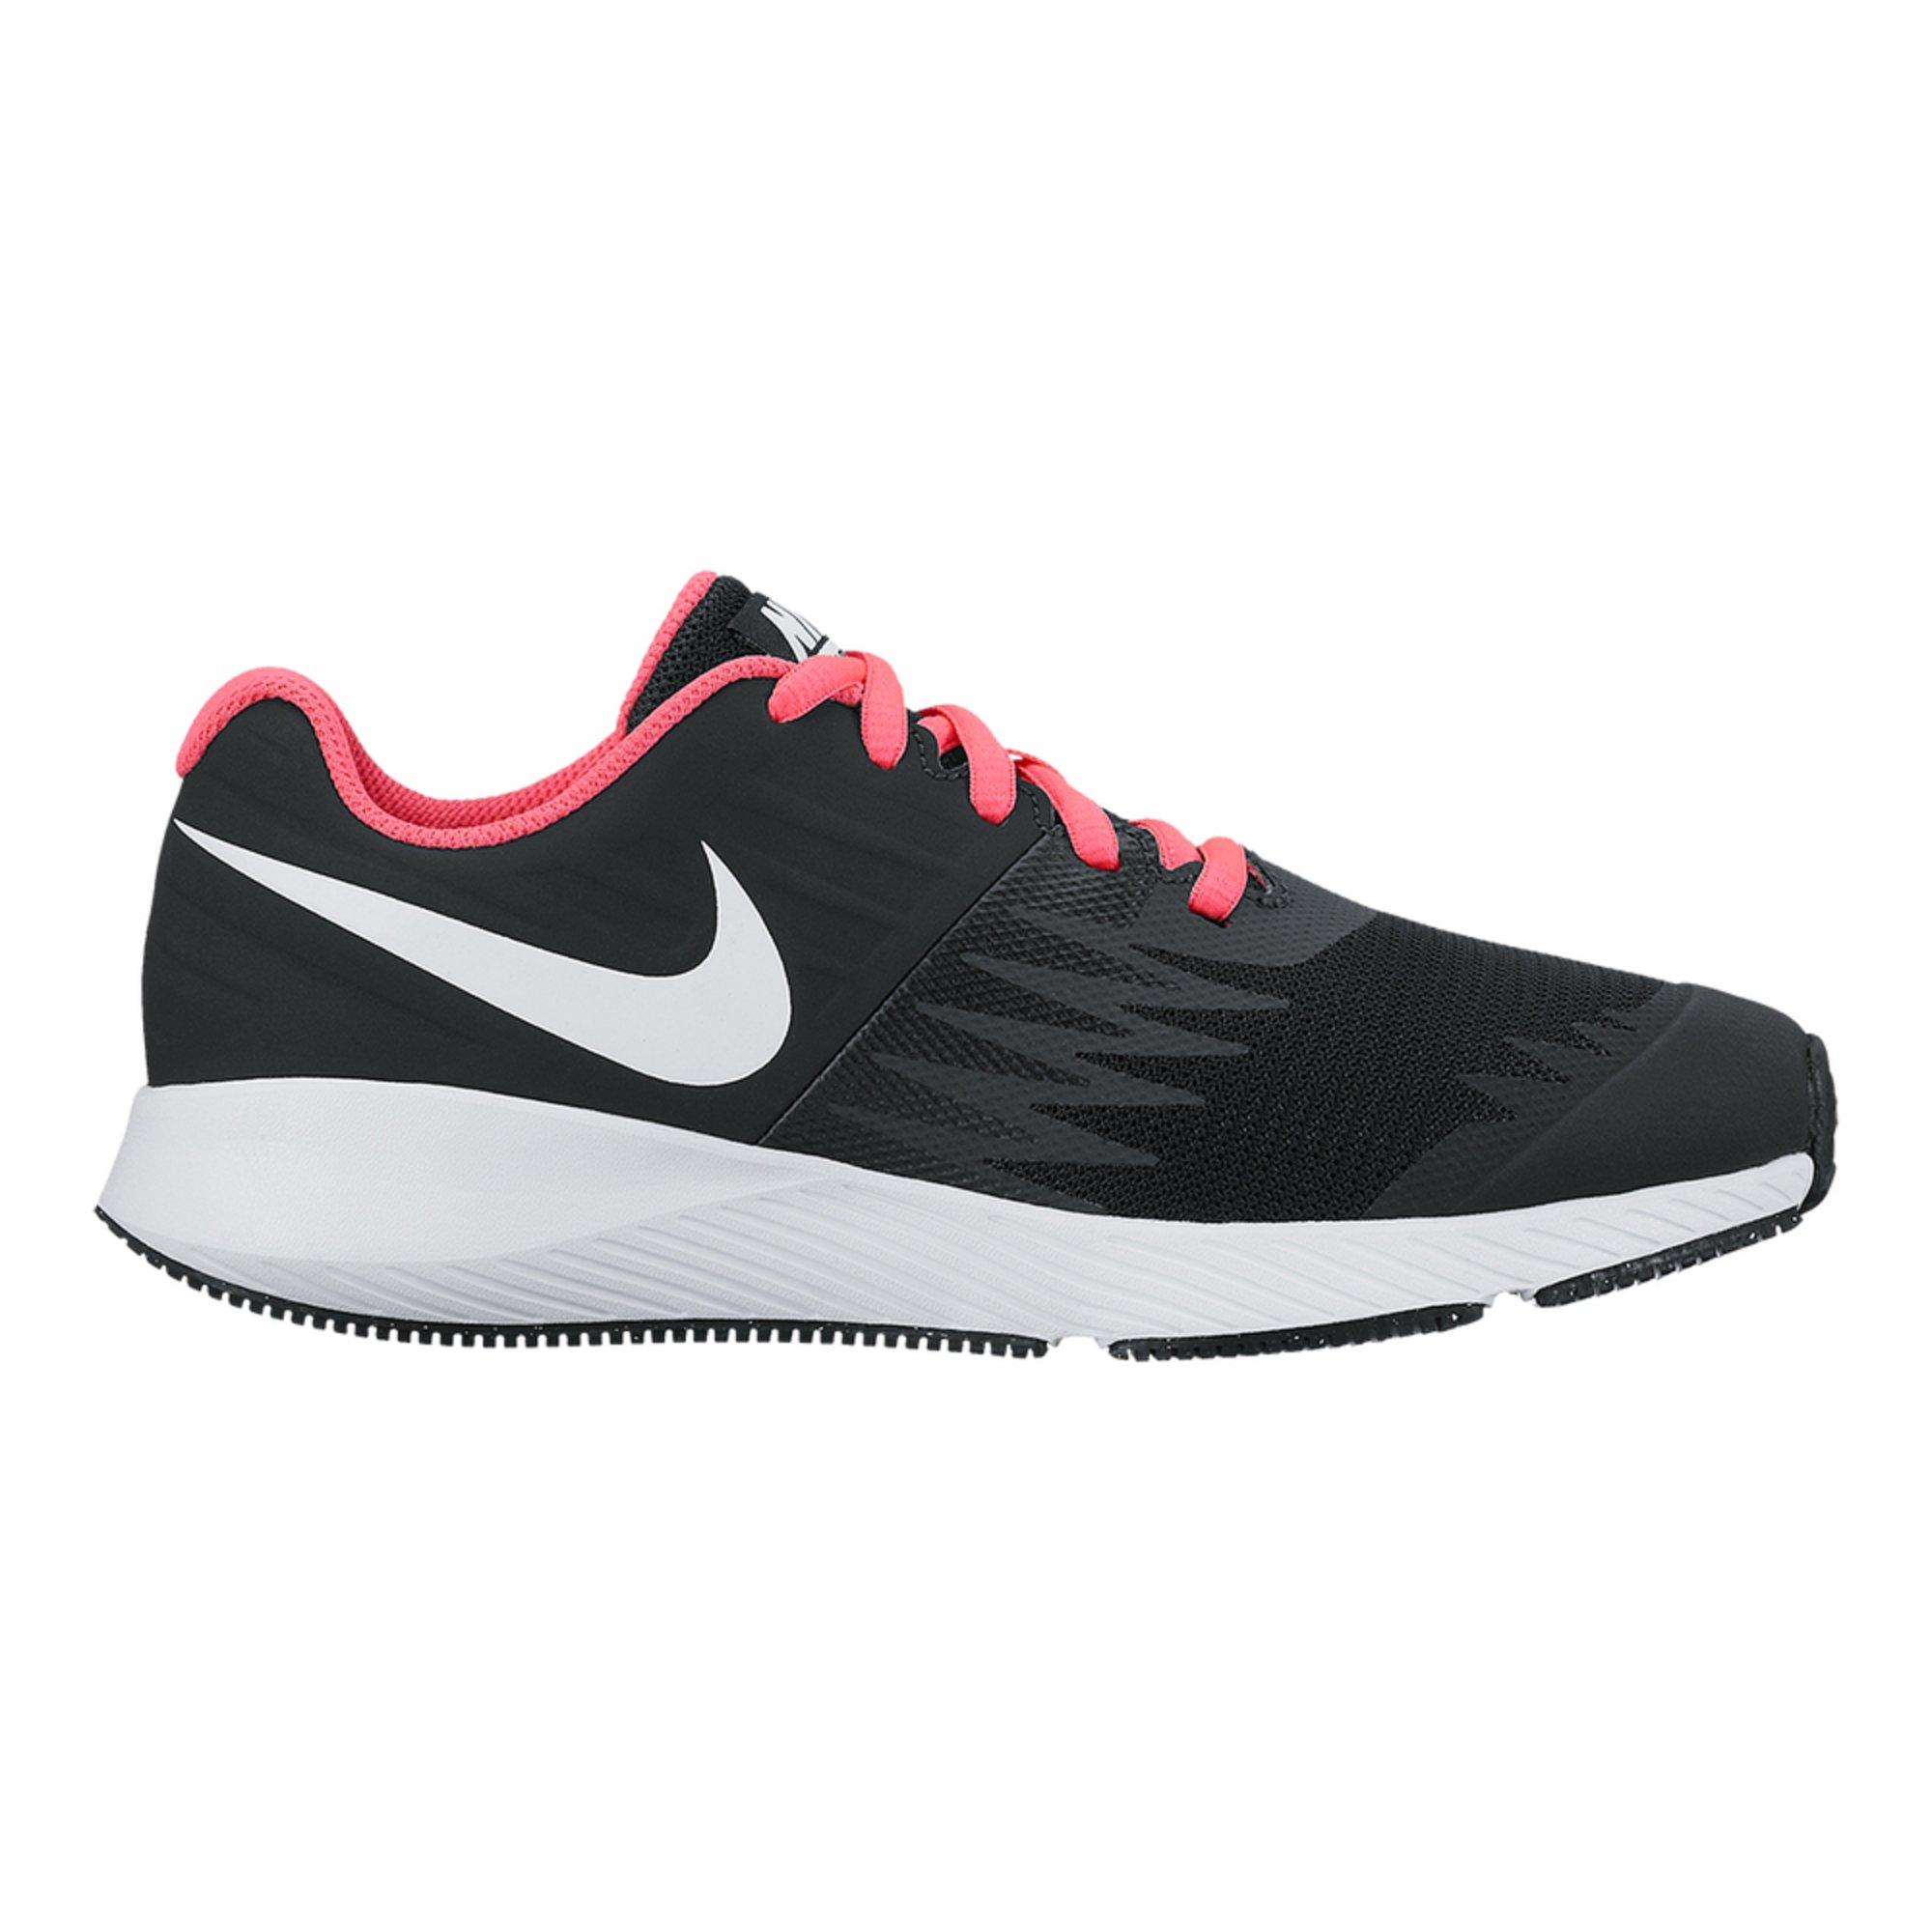 Nike Shoe Exchange Program